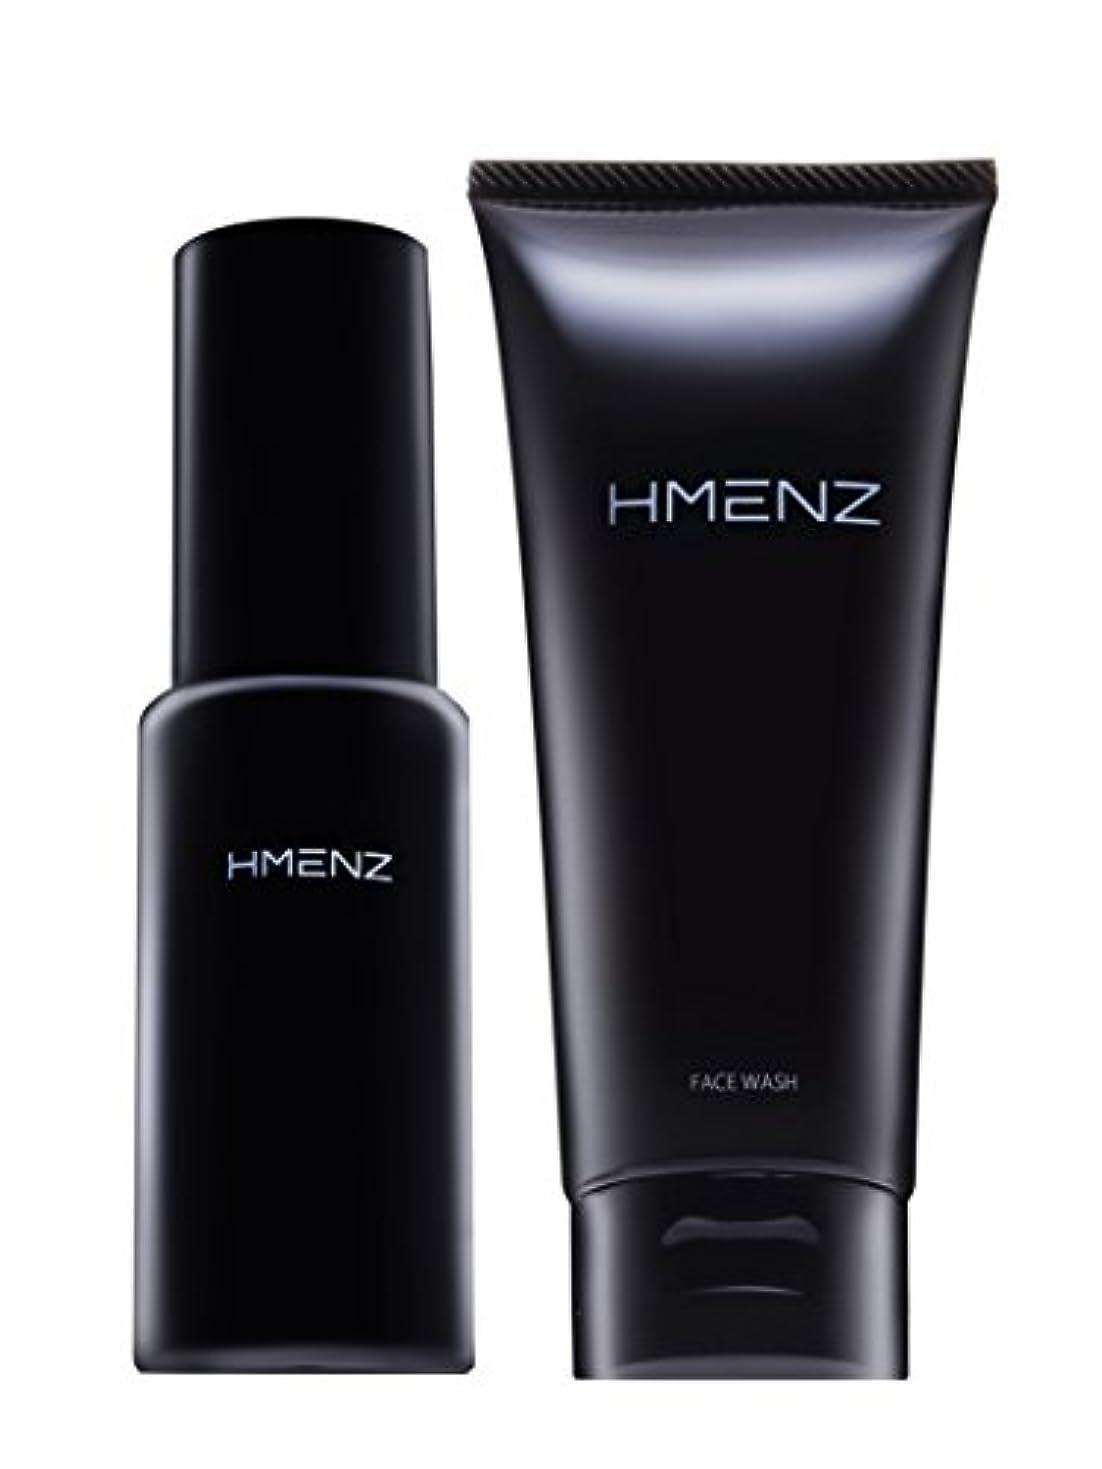 コピーあえてゾーン医薬部外品【 スキンケア セット 】HMENZ メンズ 洗顔 & 美容液 乾燥肌 対策 保湿 (無添加 シミ対策 ニキビ対策 エイジングケア) 洗顔 オールインワン ジェル 100g&50ml